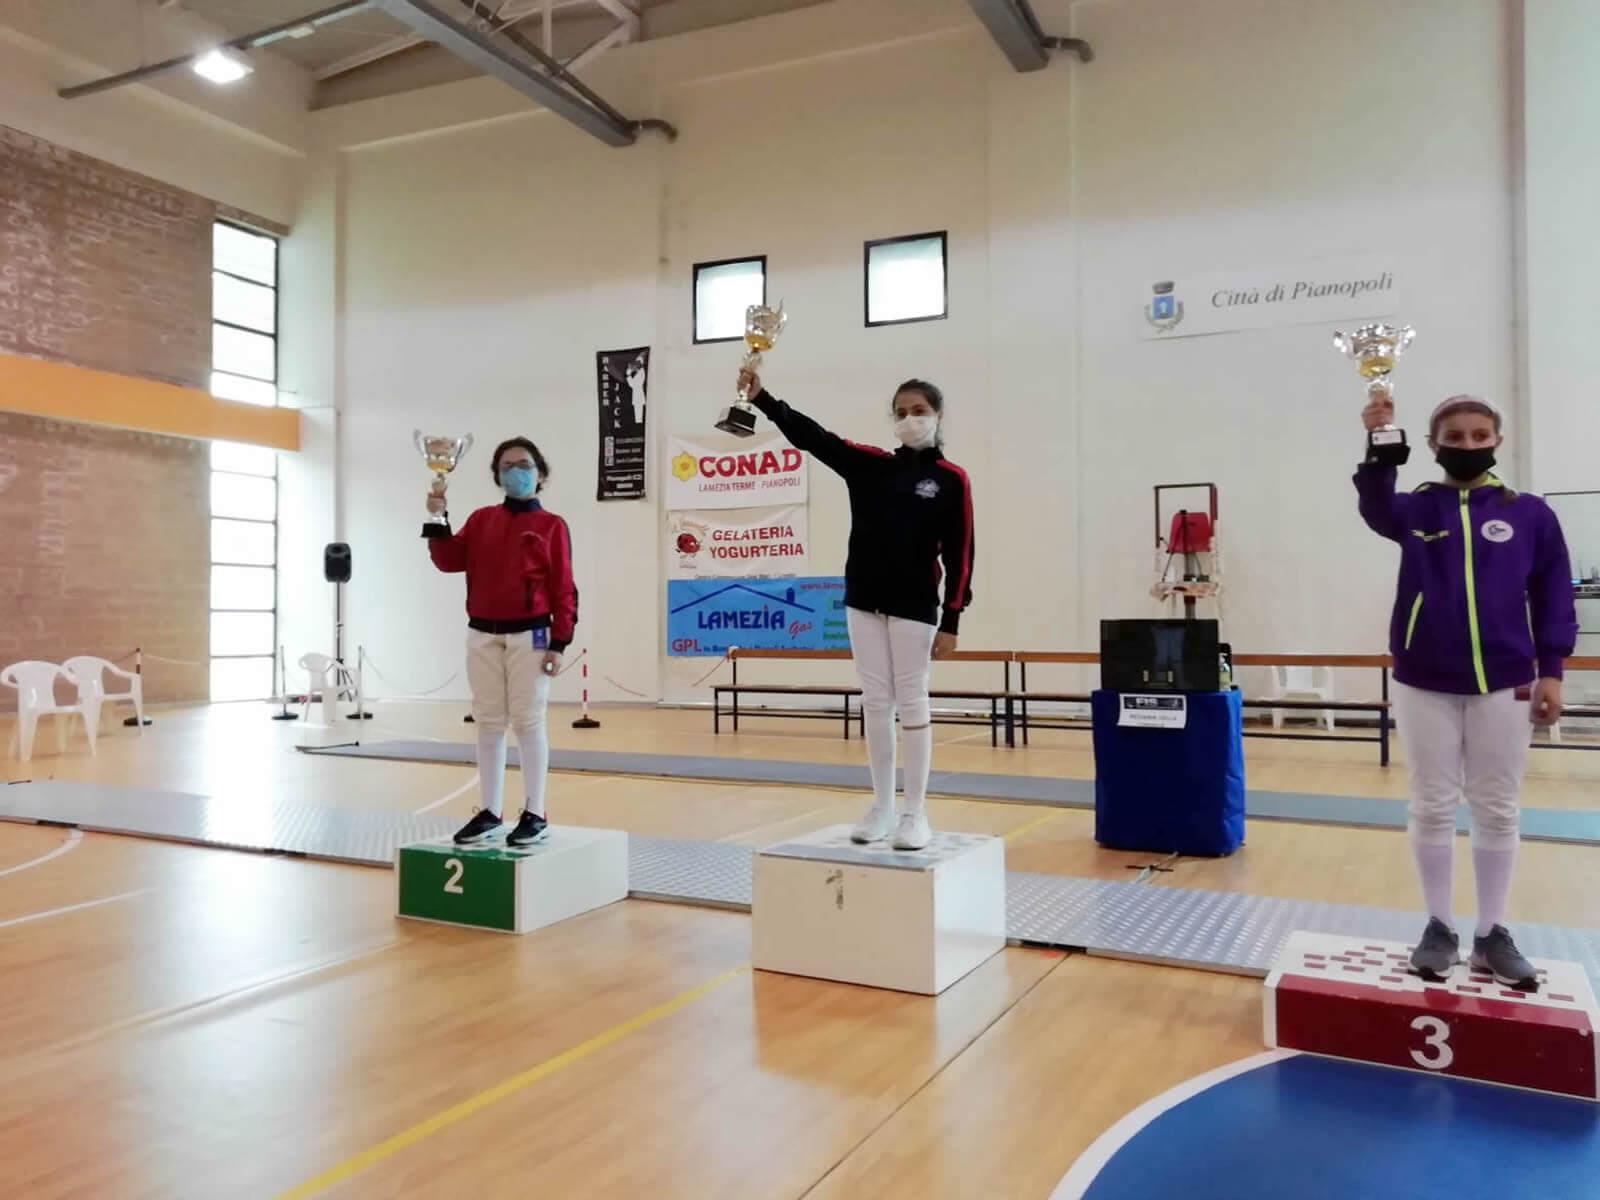 Seconda prova di qualificazione GPG: il podio di spada cat. Bambine